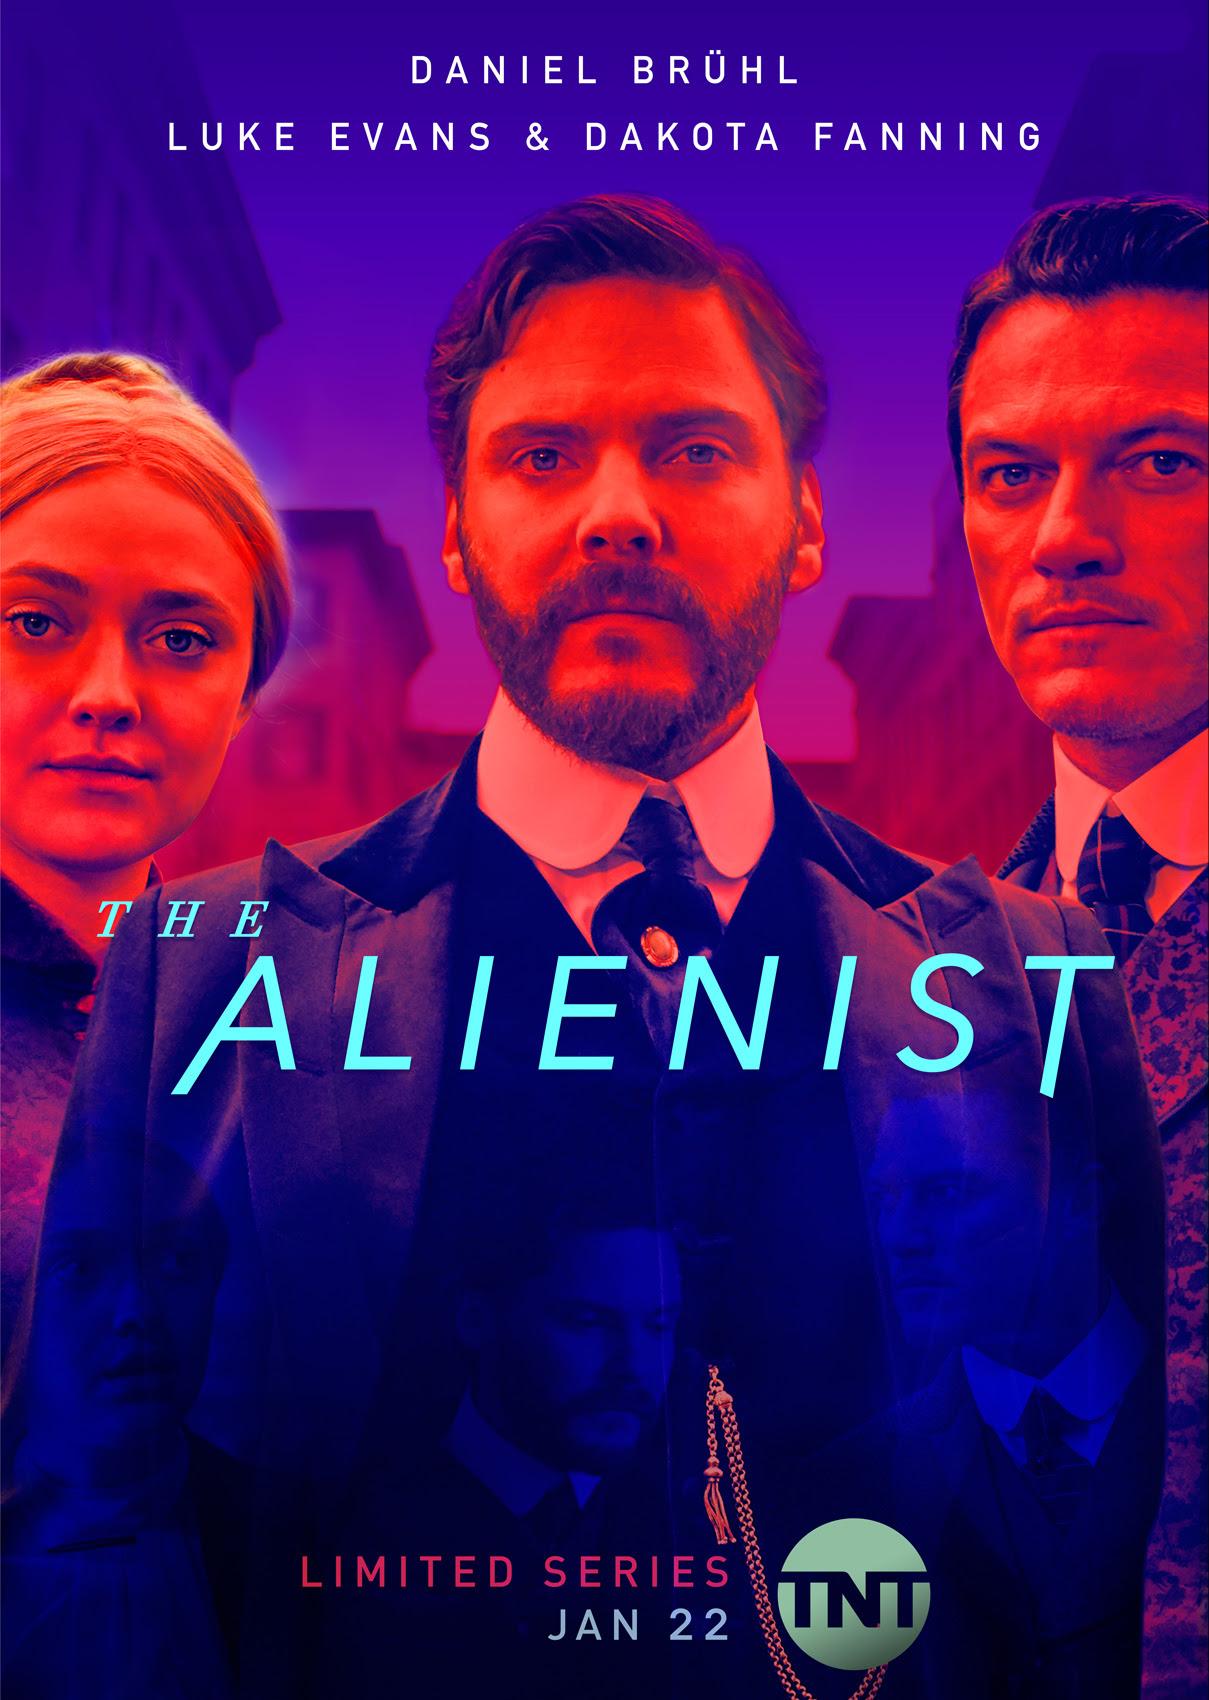 Bildergebnis für the alienist plakat